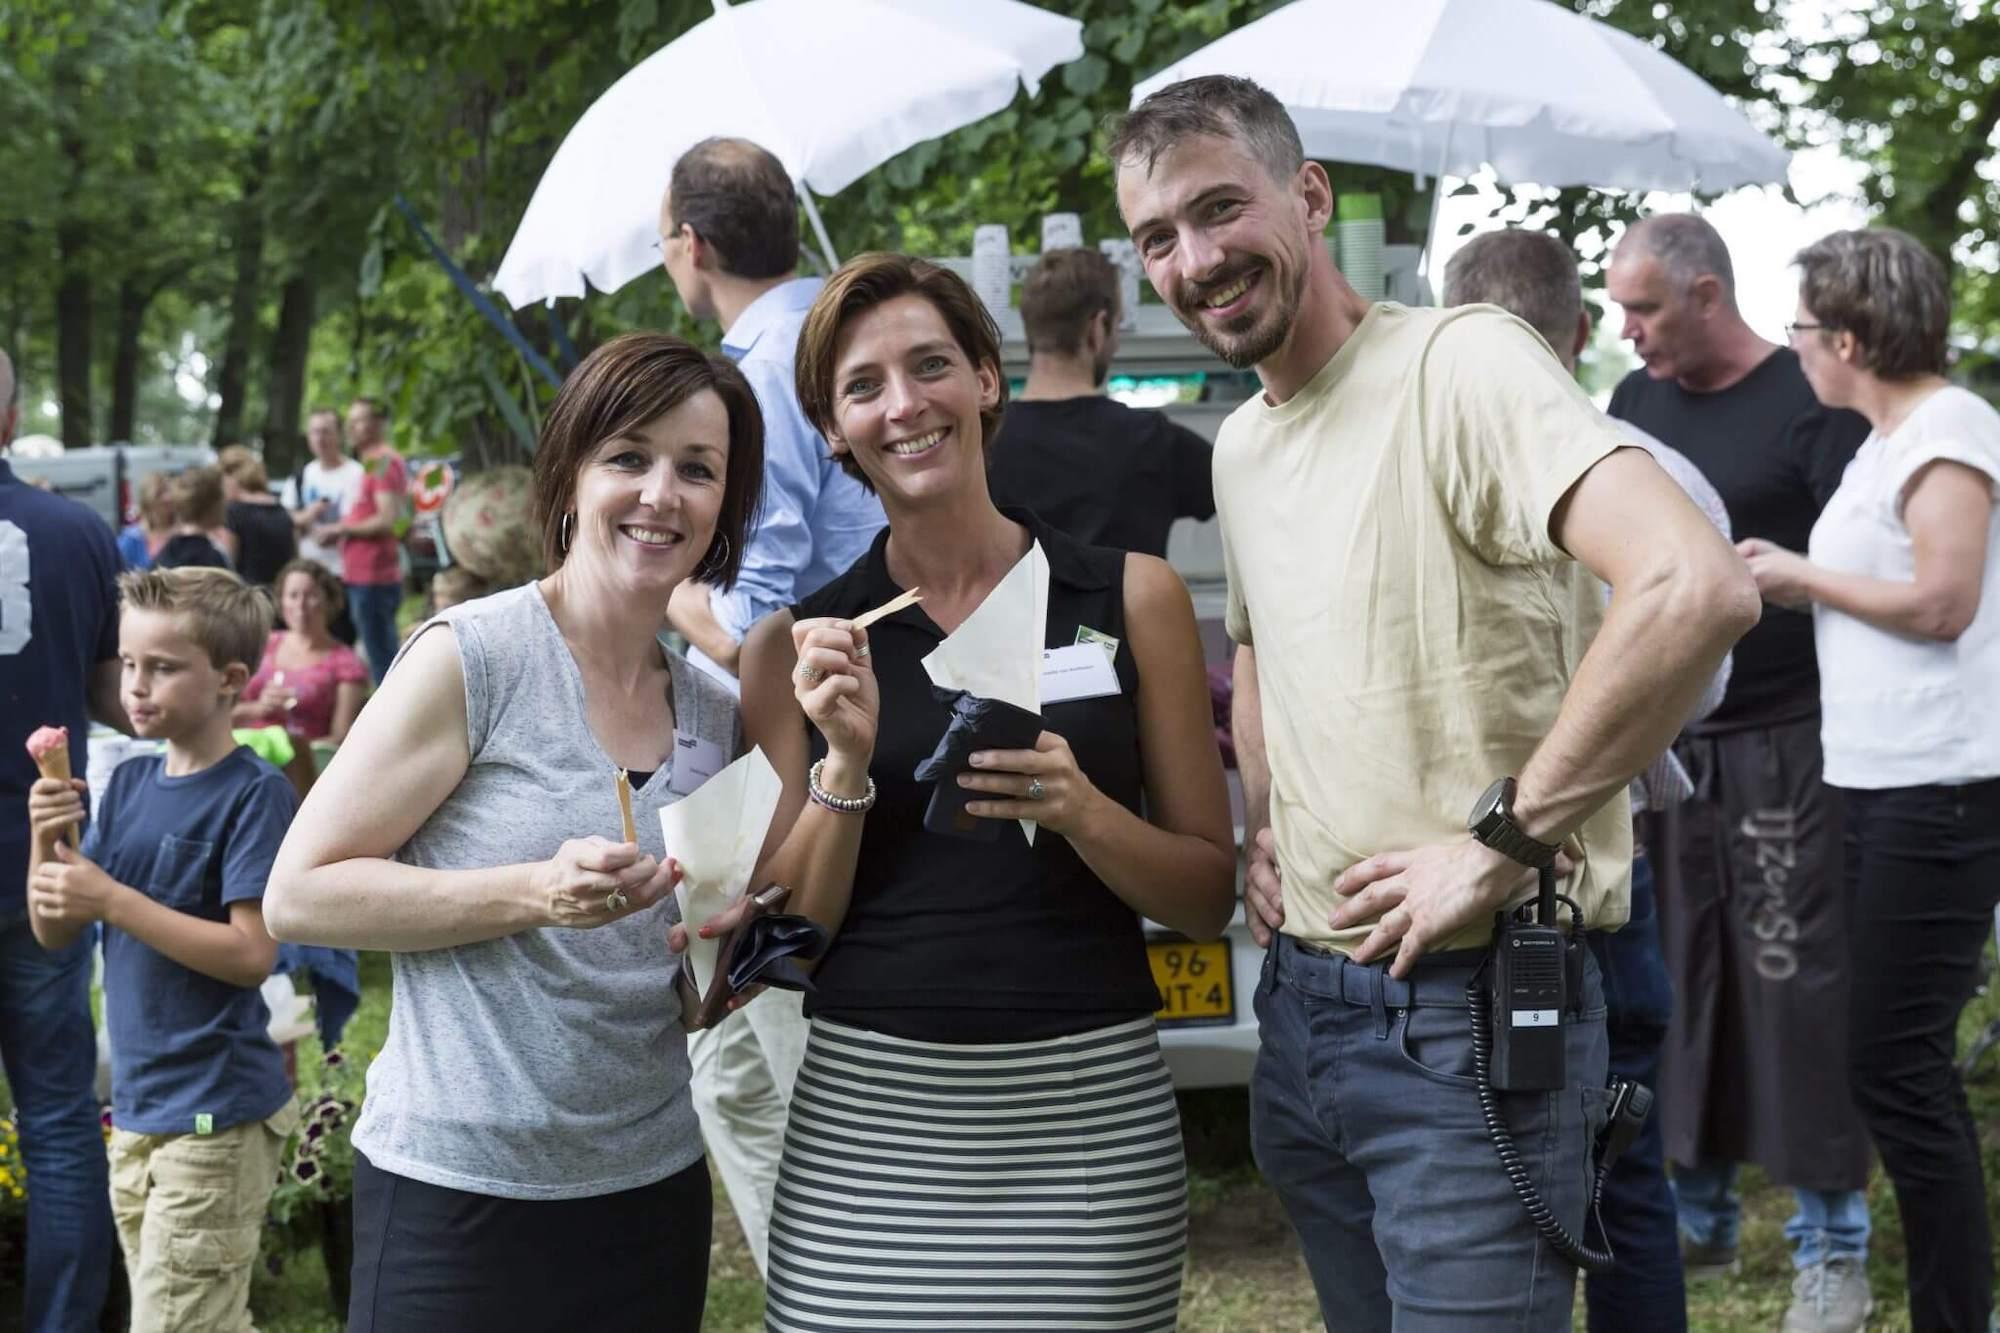 Gasten ontvangen op een festivalterras 5